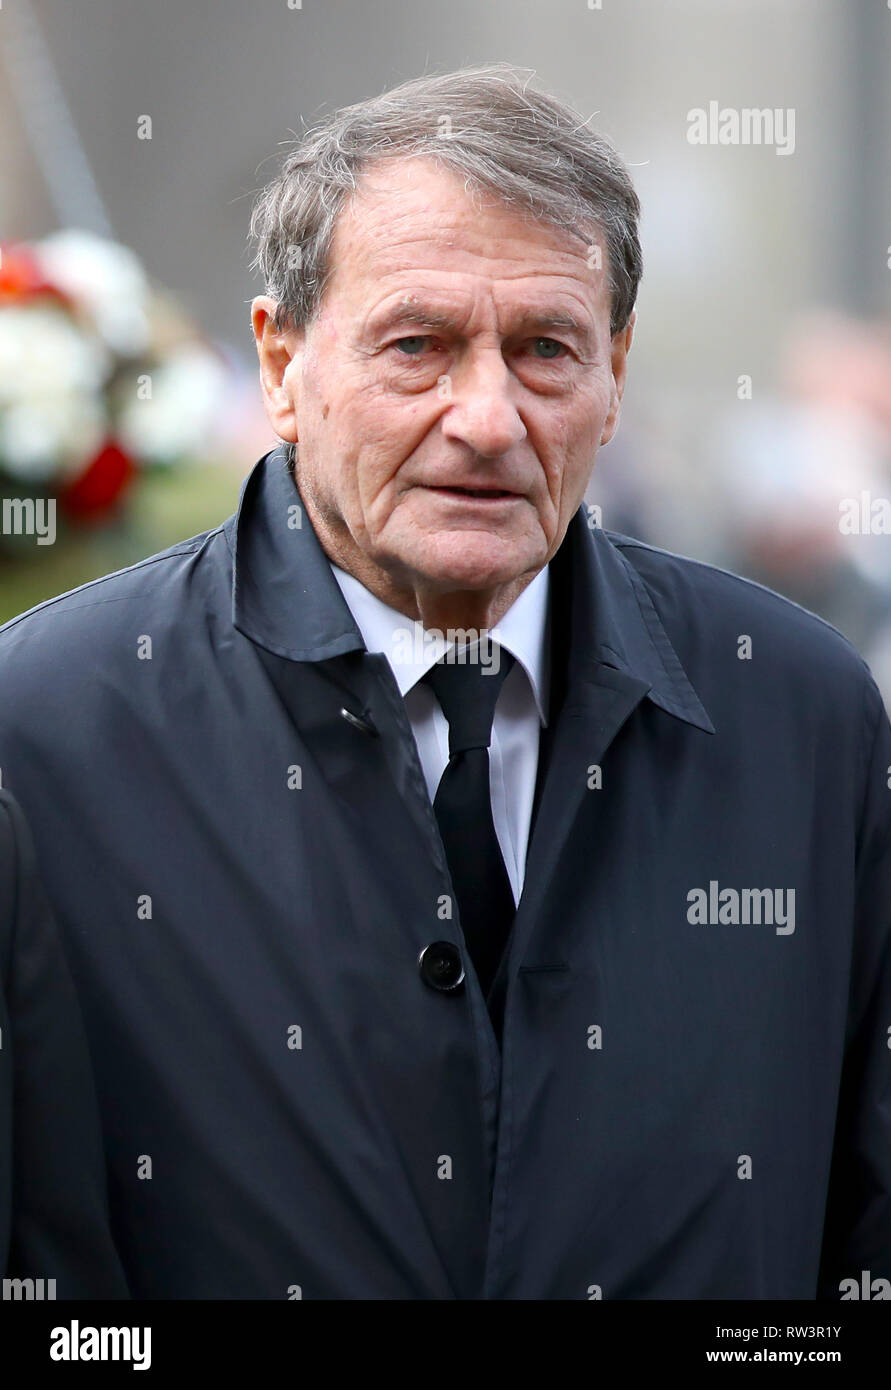 Retired footballer Roger Hunt arriving for the funeral service for Gordon Banks at Stoke Minster. - Stock Image